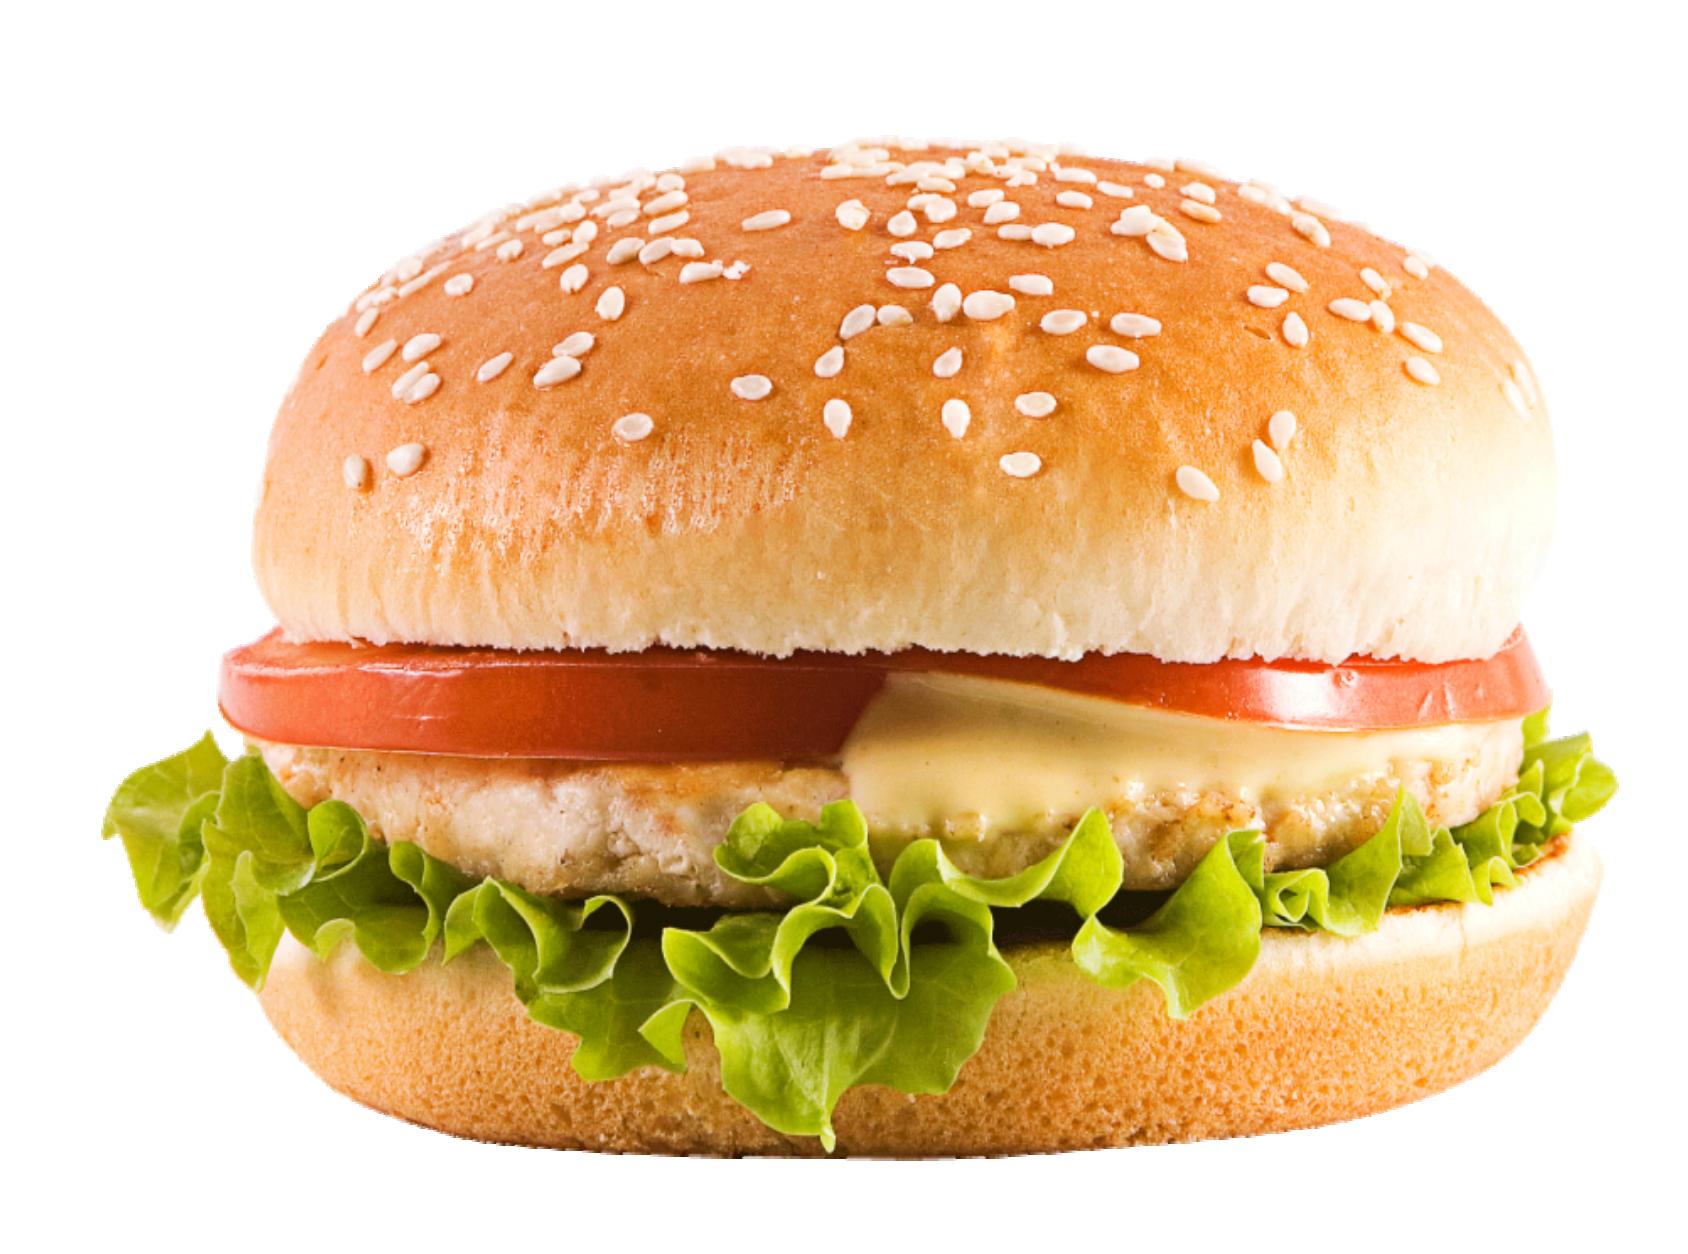 Burger PNG HD - 130080